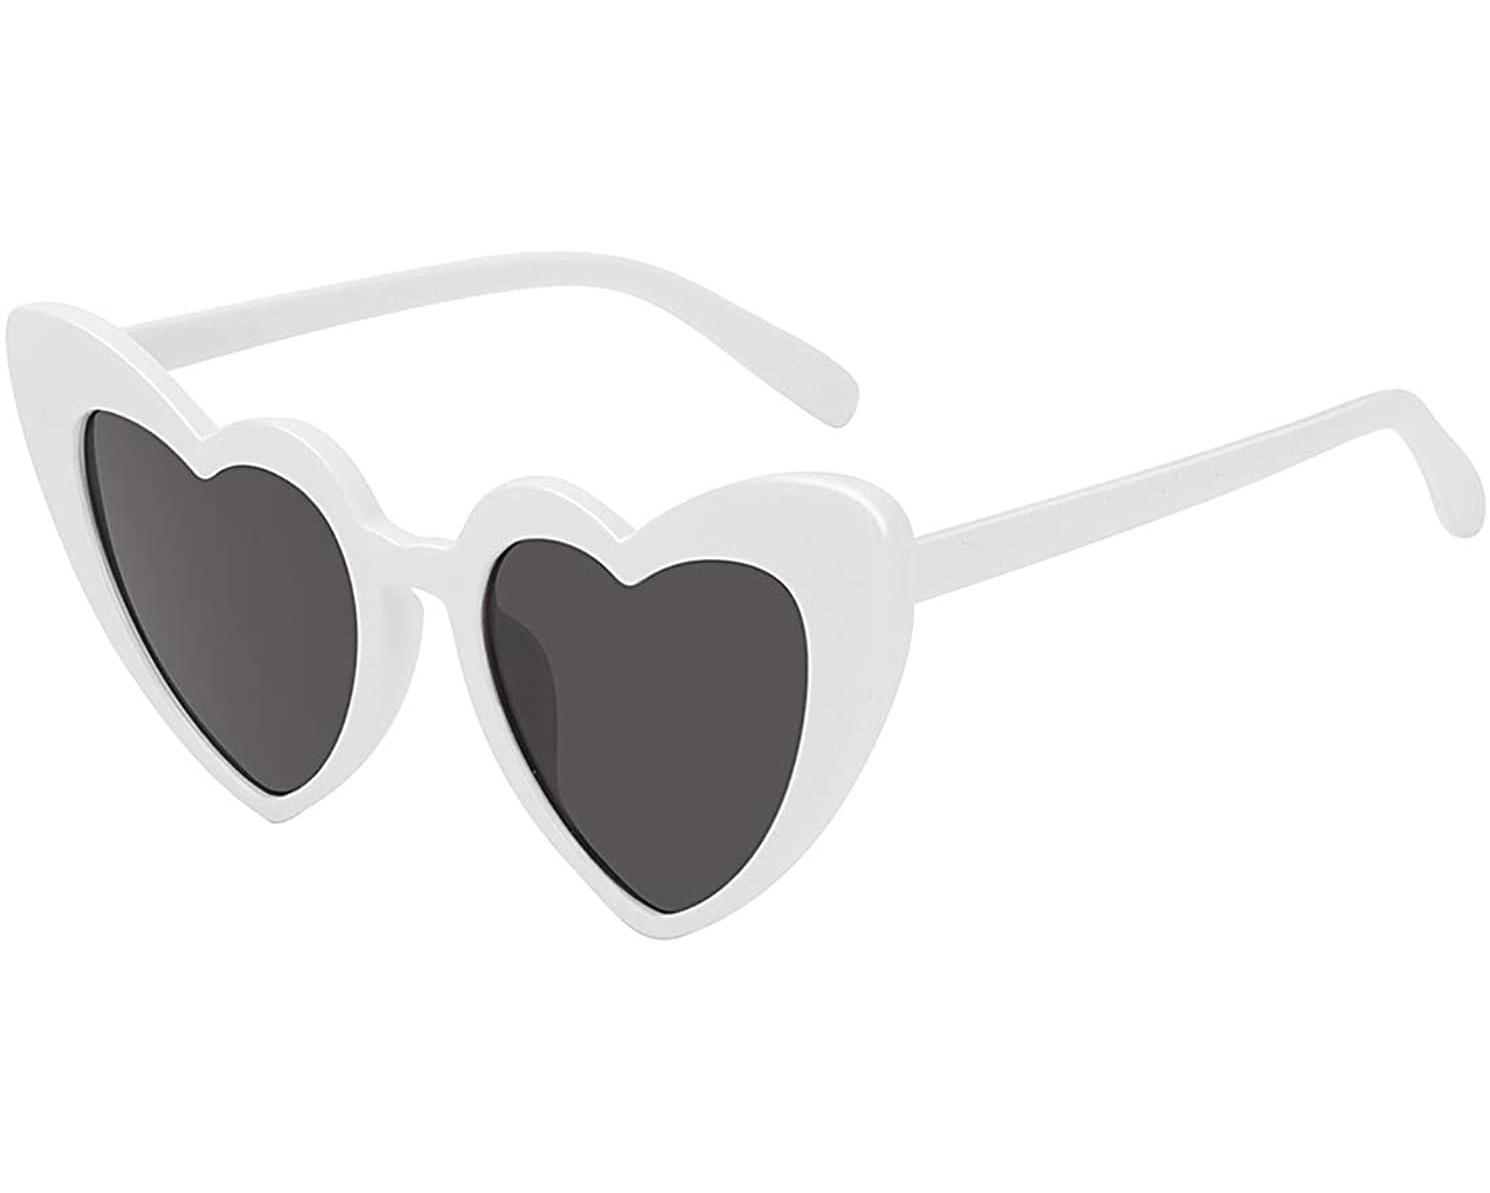 white heart sunglasses for weddings